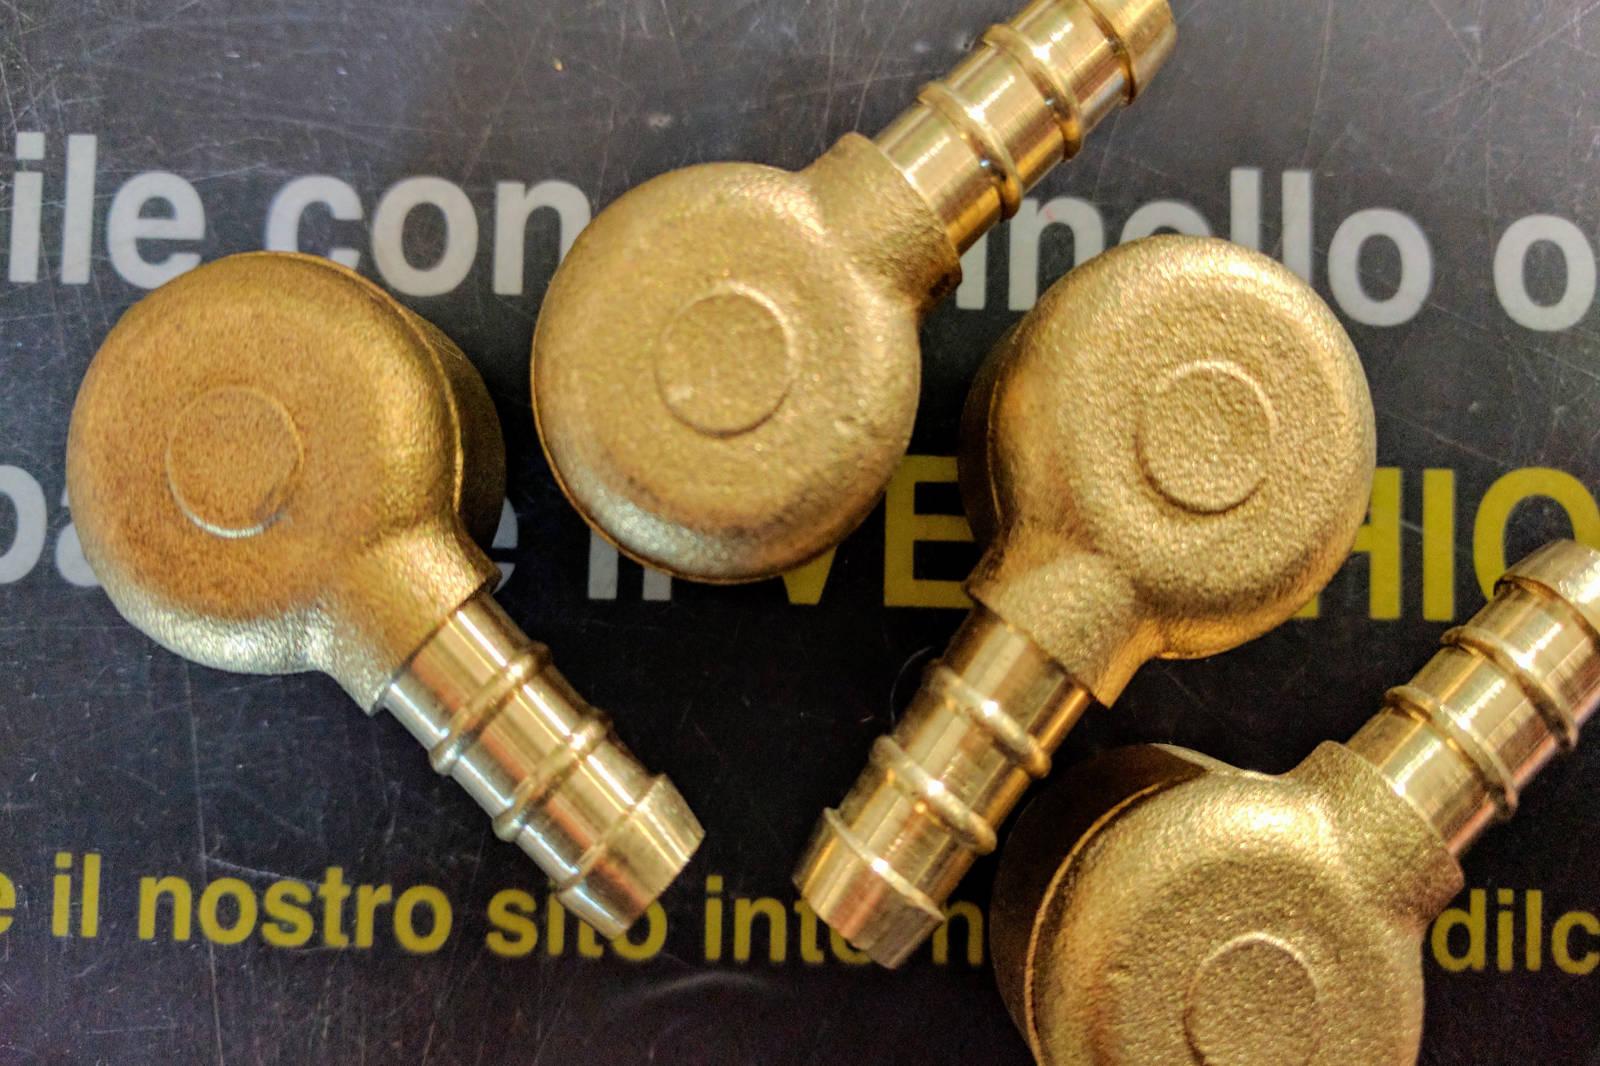 Pipette-portagomma-per-il-gas-disponibile-da-Villa-Srl-a-Frosinone.jpg